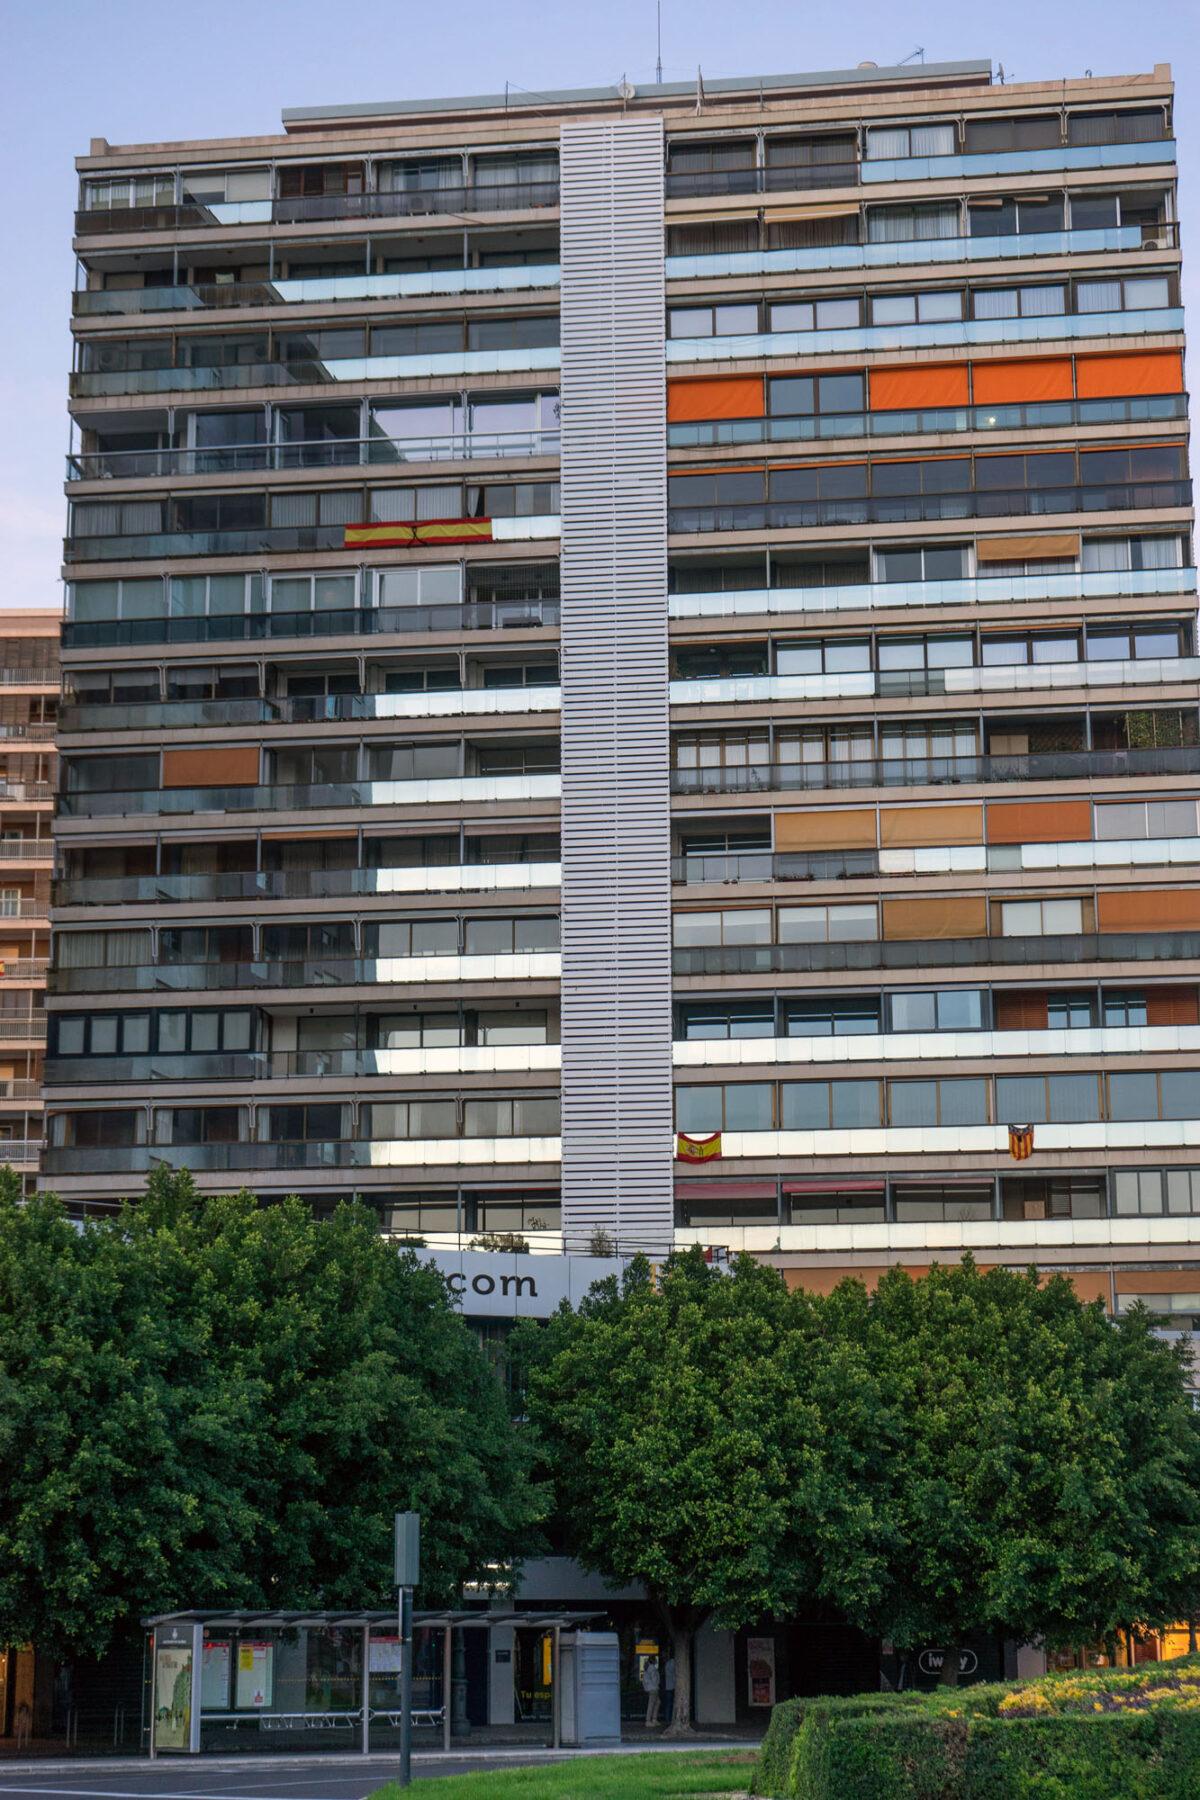 05 Valencia Stock Photos DSC06546